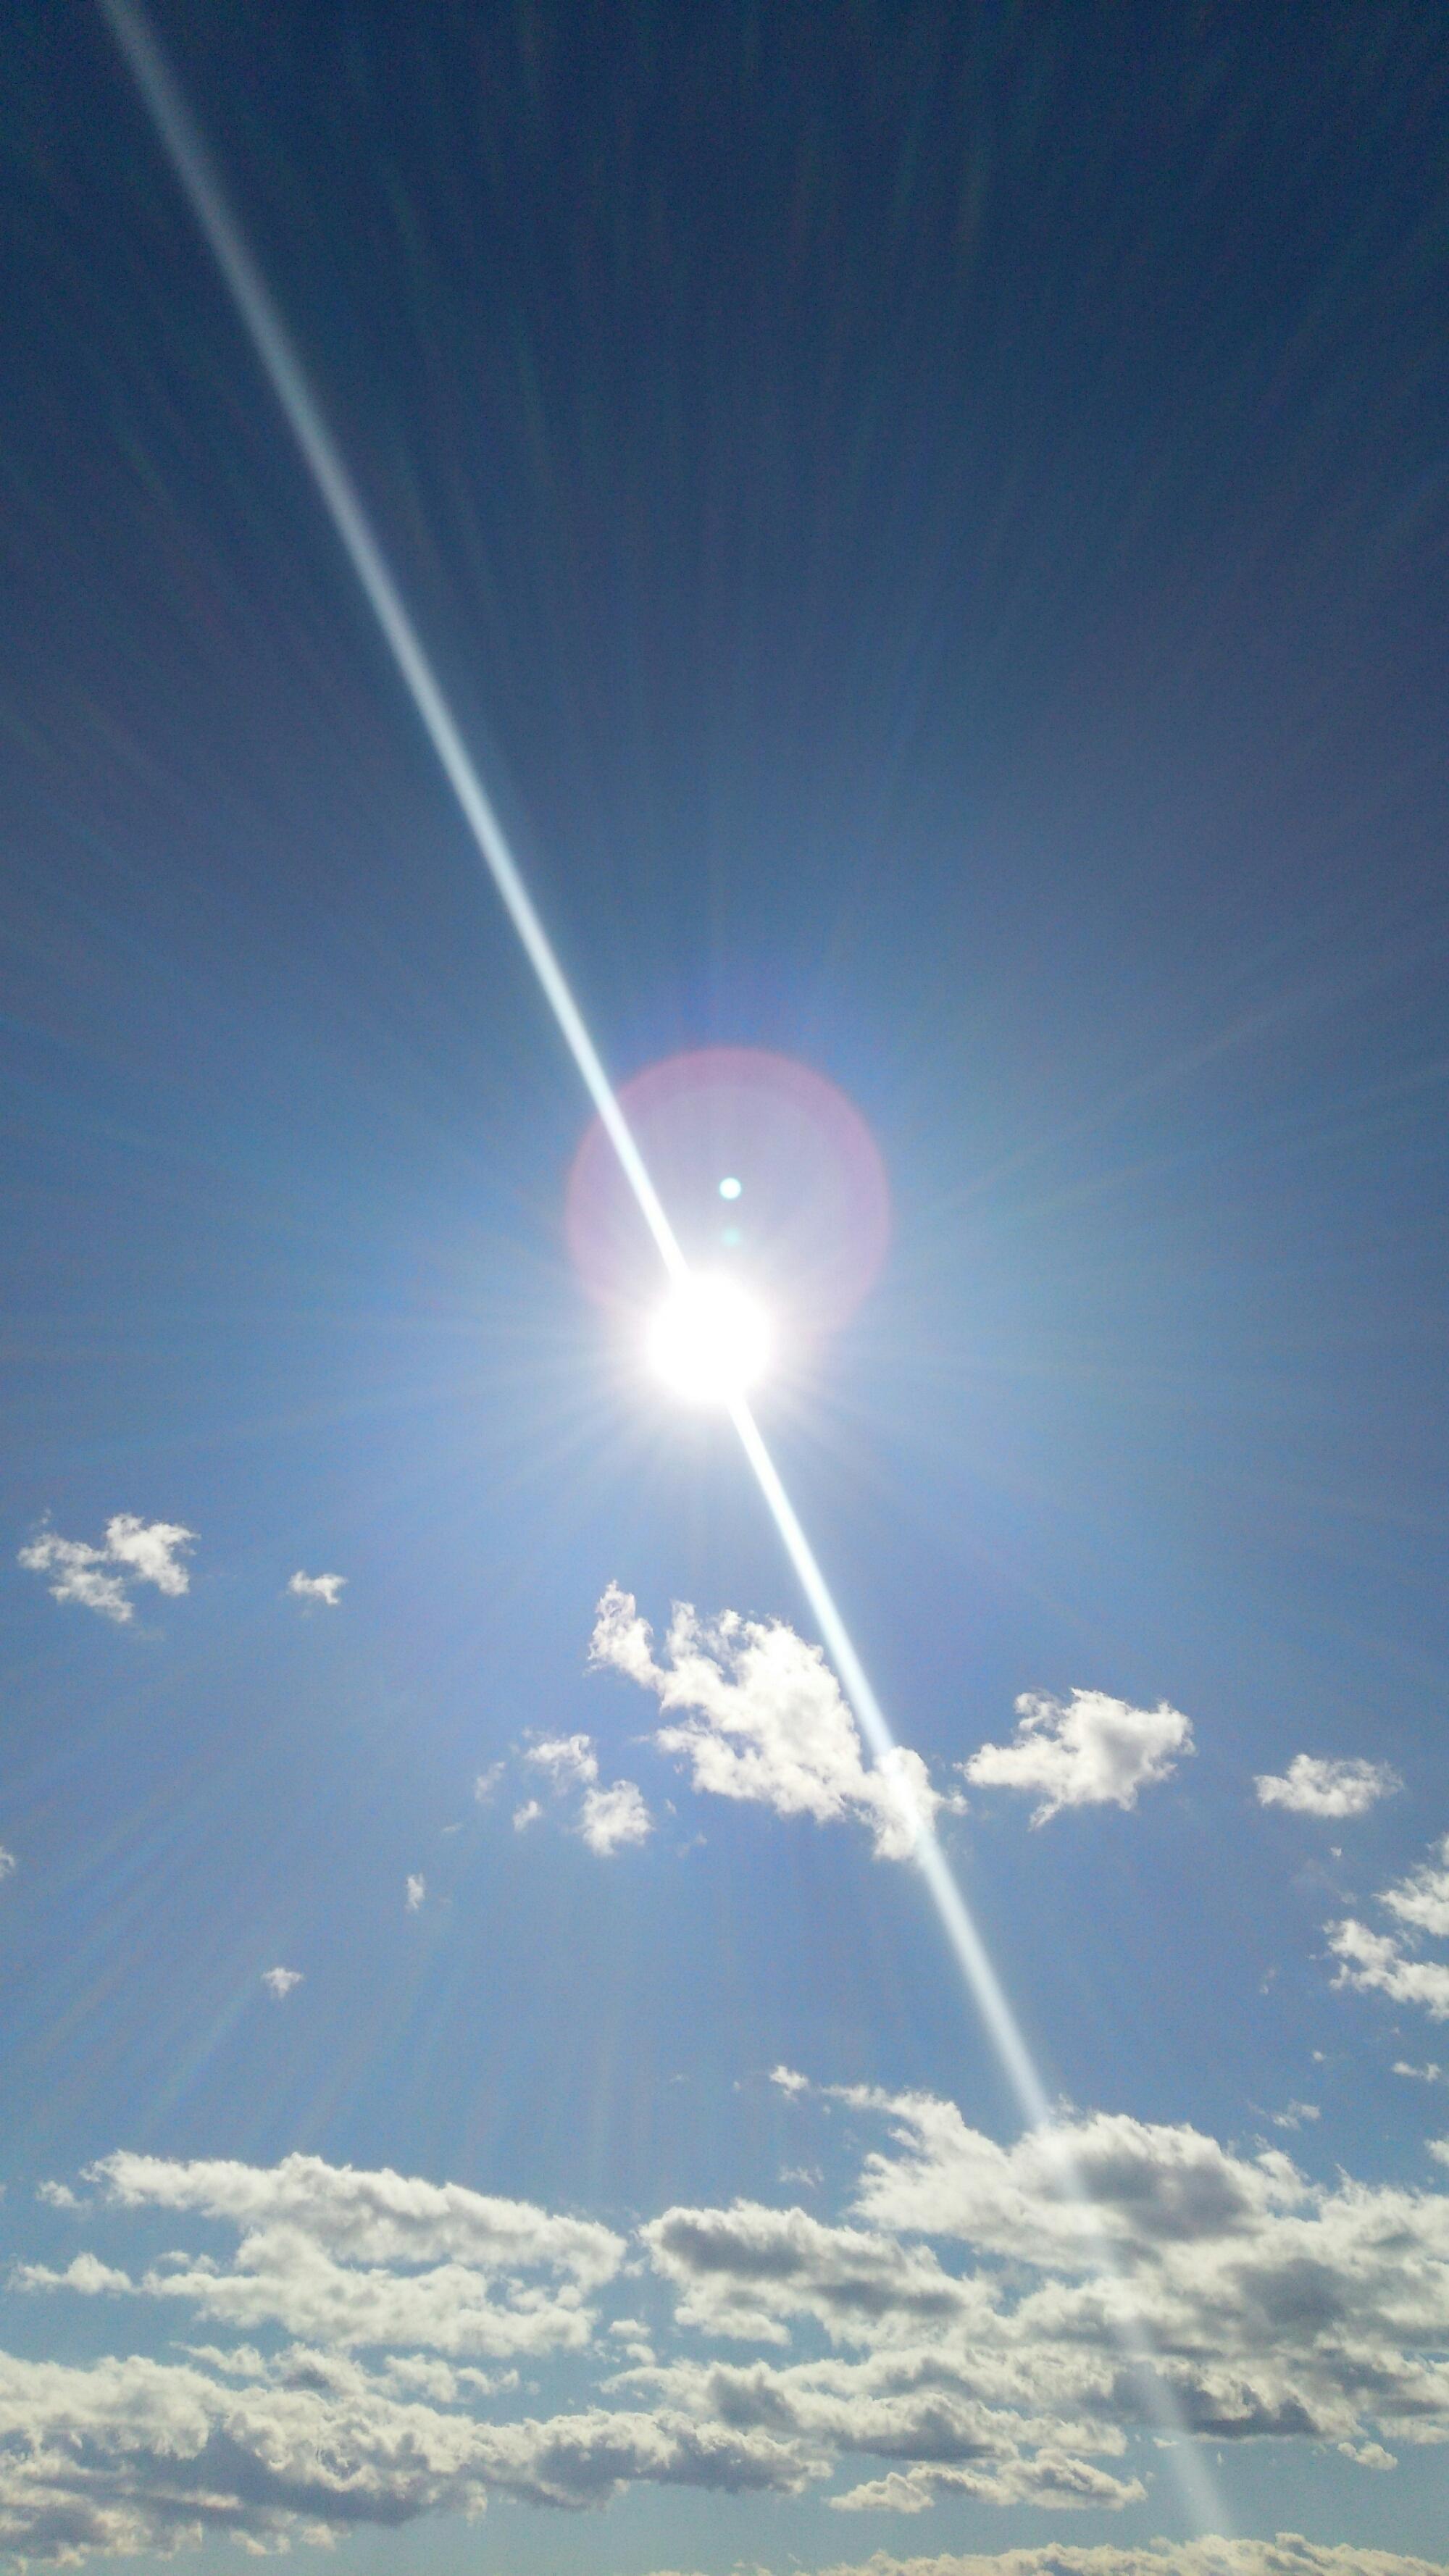 太陽を撮影しました  なんか不思議…ちょっと見てください!